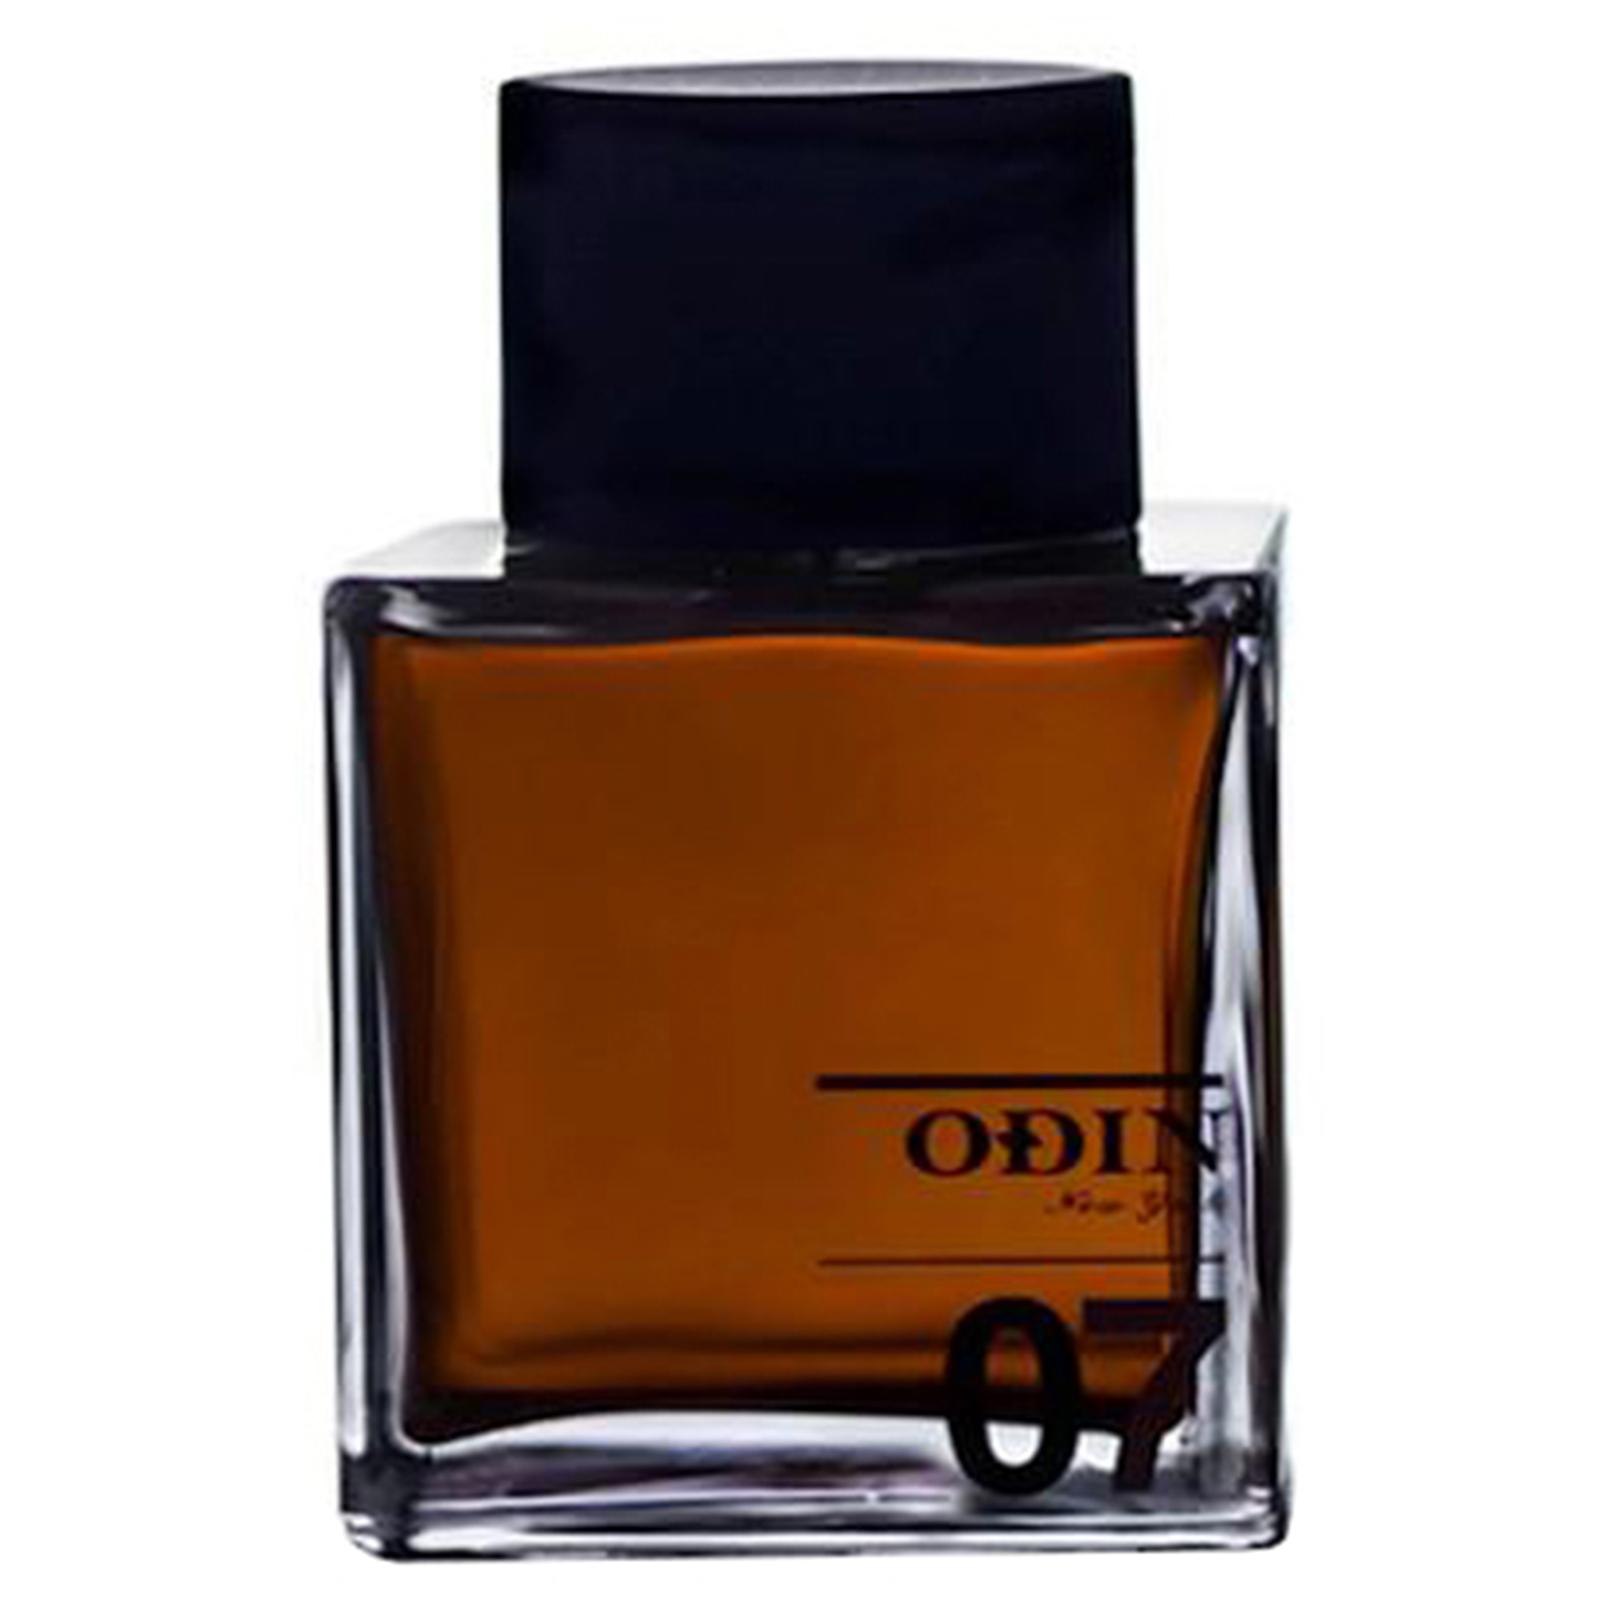 07 tanoke profumo eau de parfum 100 ml